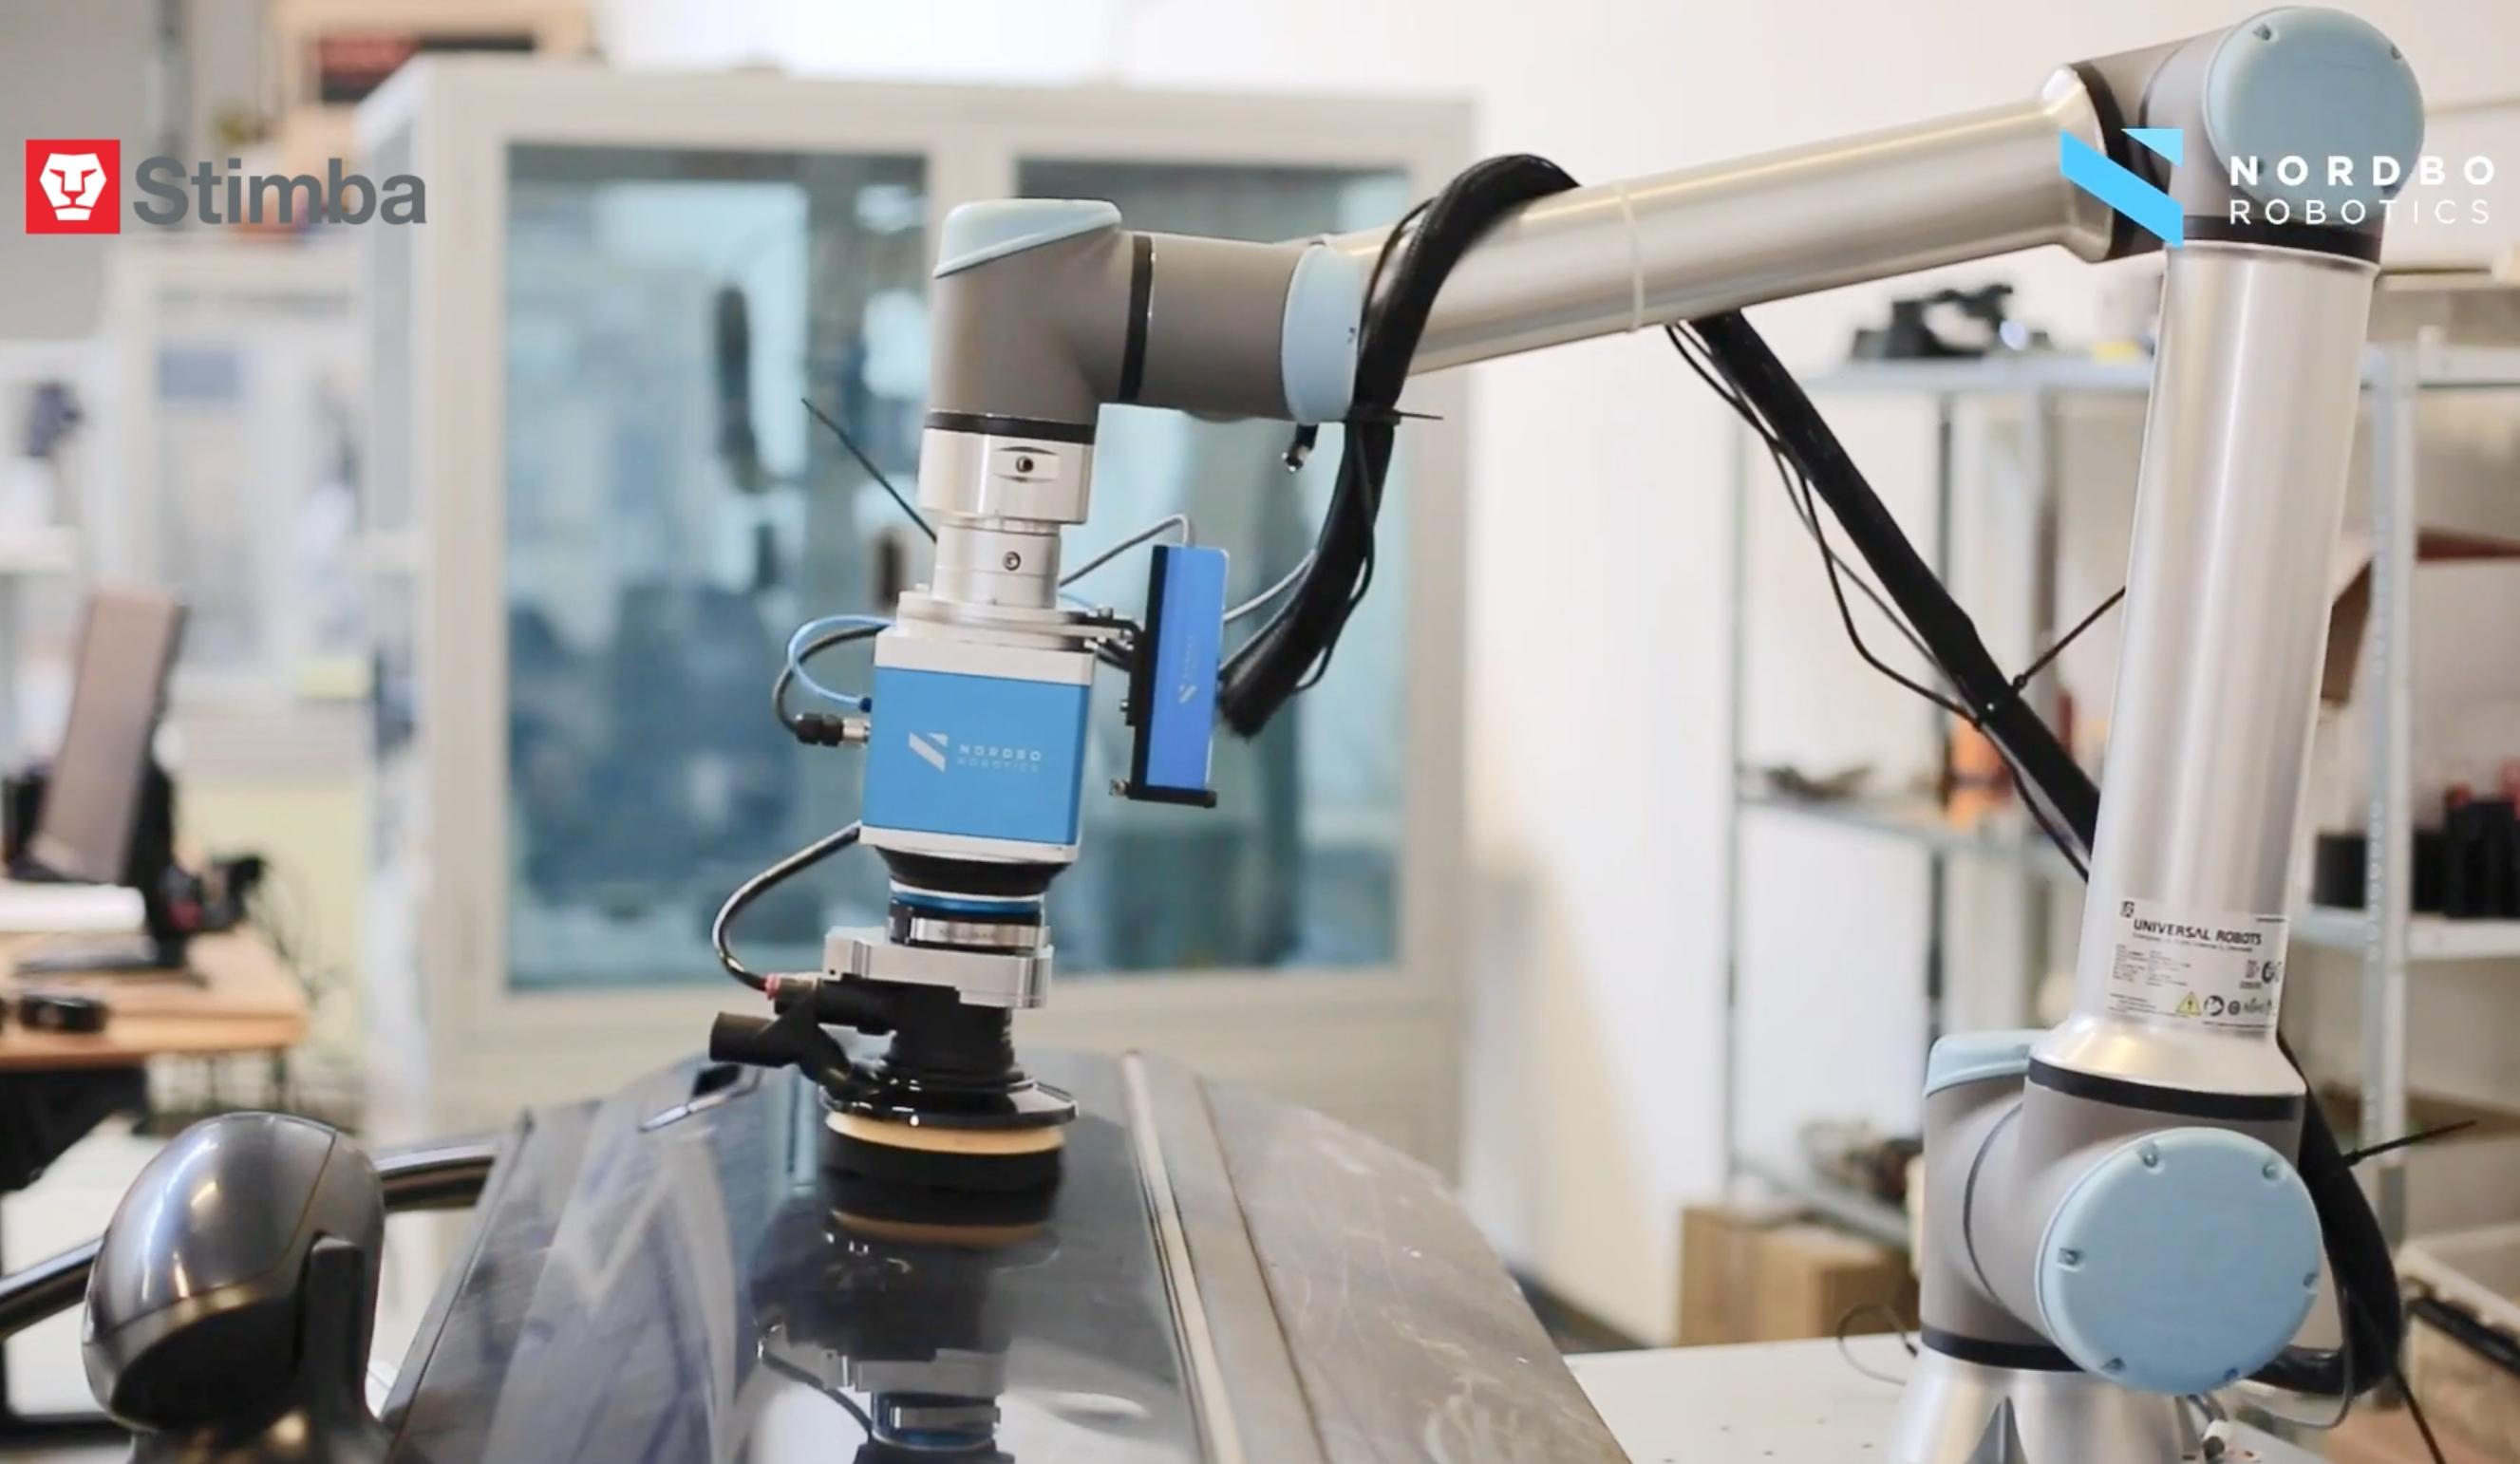 Leštenie a brúsenie kolaboratívnym robotom s 3D kamerou a umelou inteligenciou